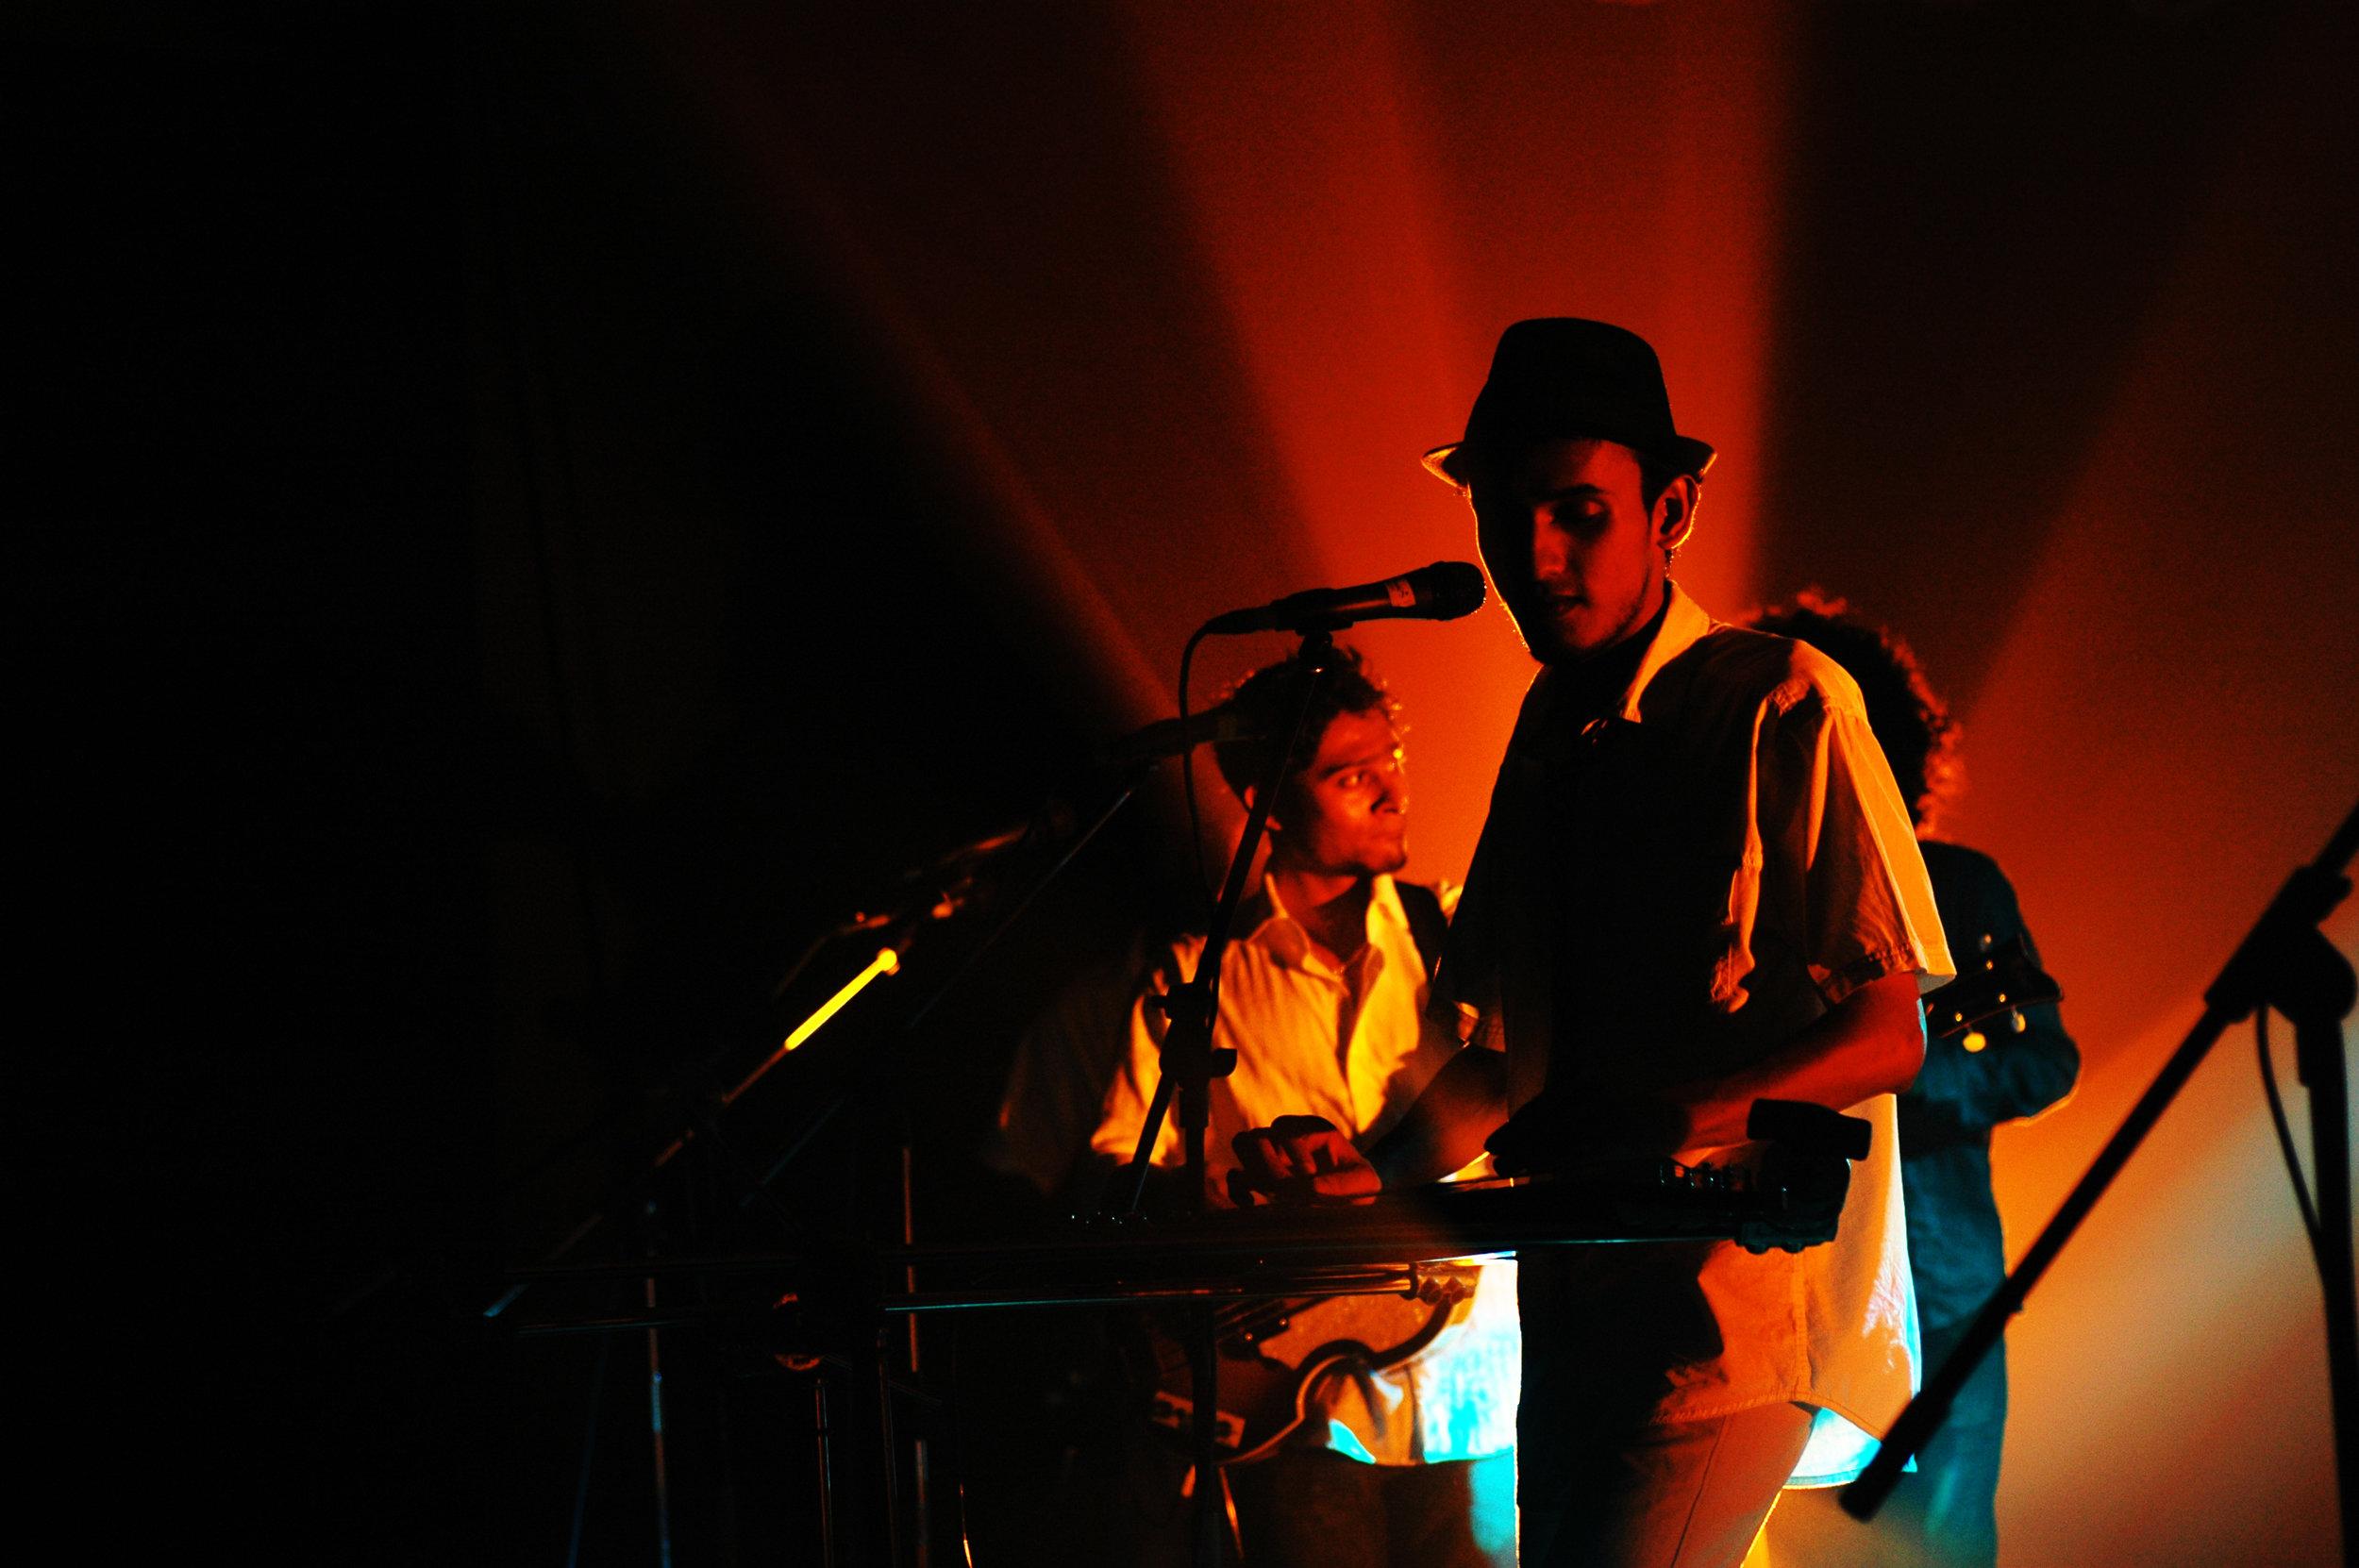 2009-08-19 - Male' City - Dharubaaruge' - Eku Ekee Album Launch - D70s-8040.jpg